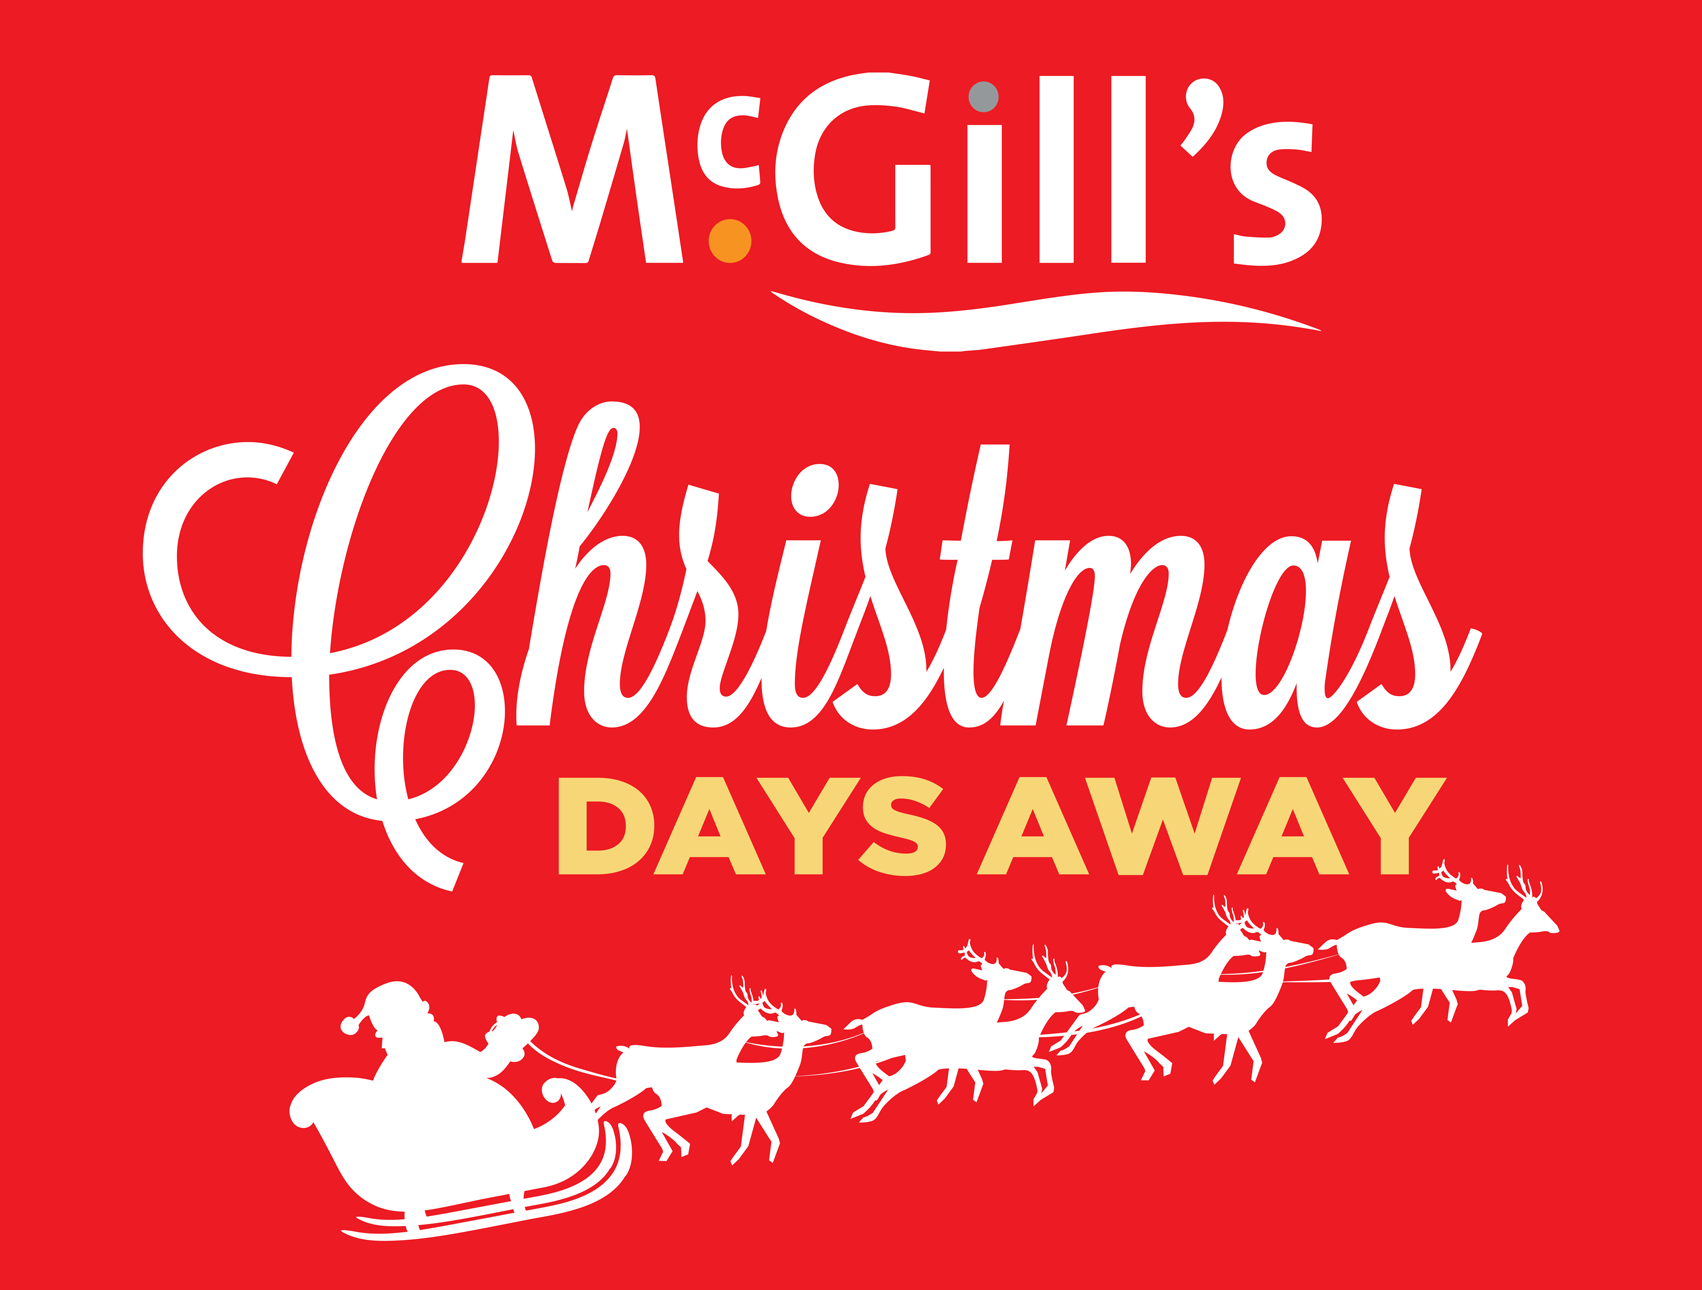 McGill's Christmas Days Away